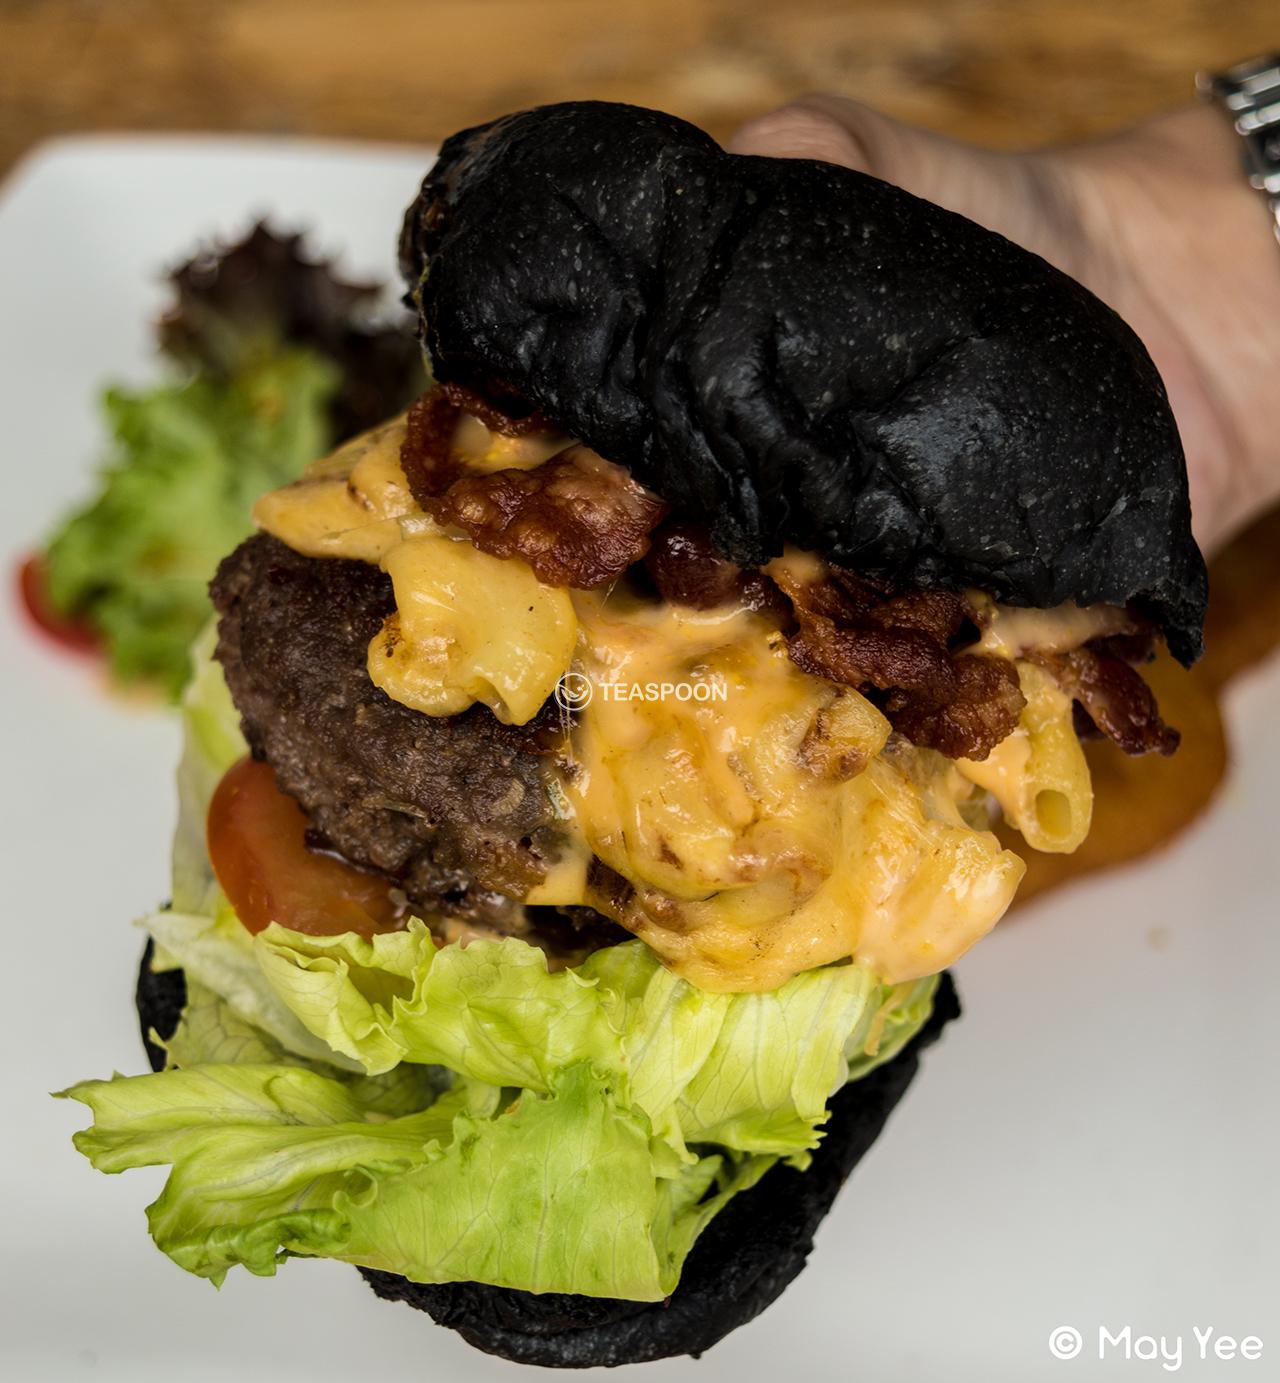 [Beef Burger]